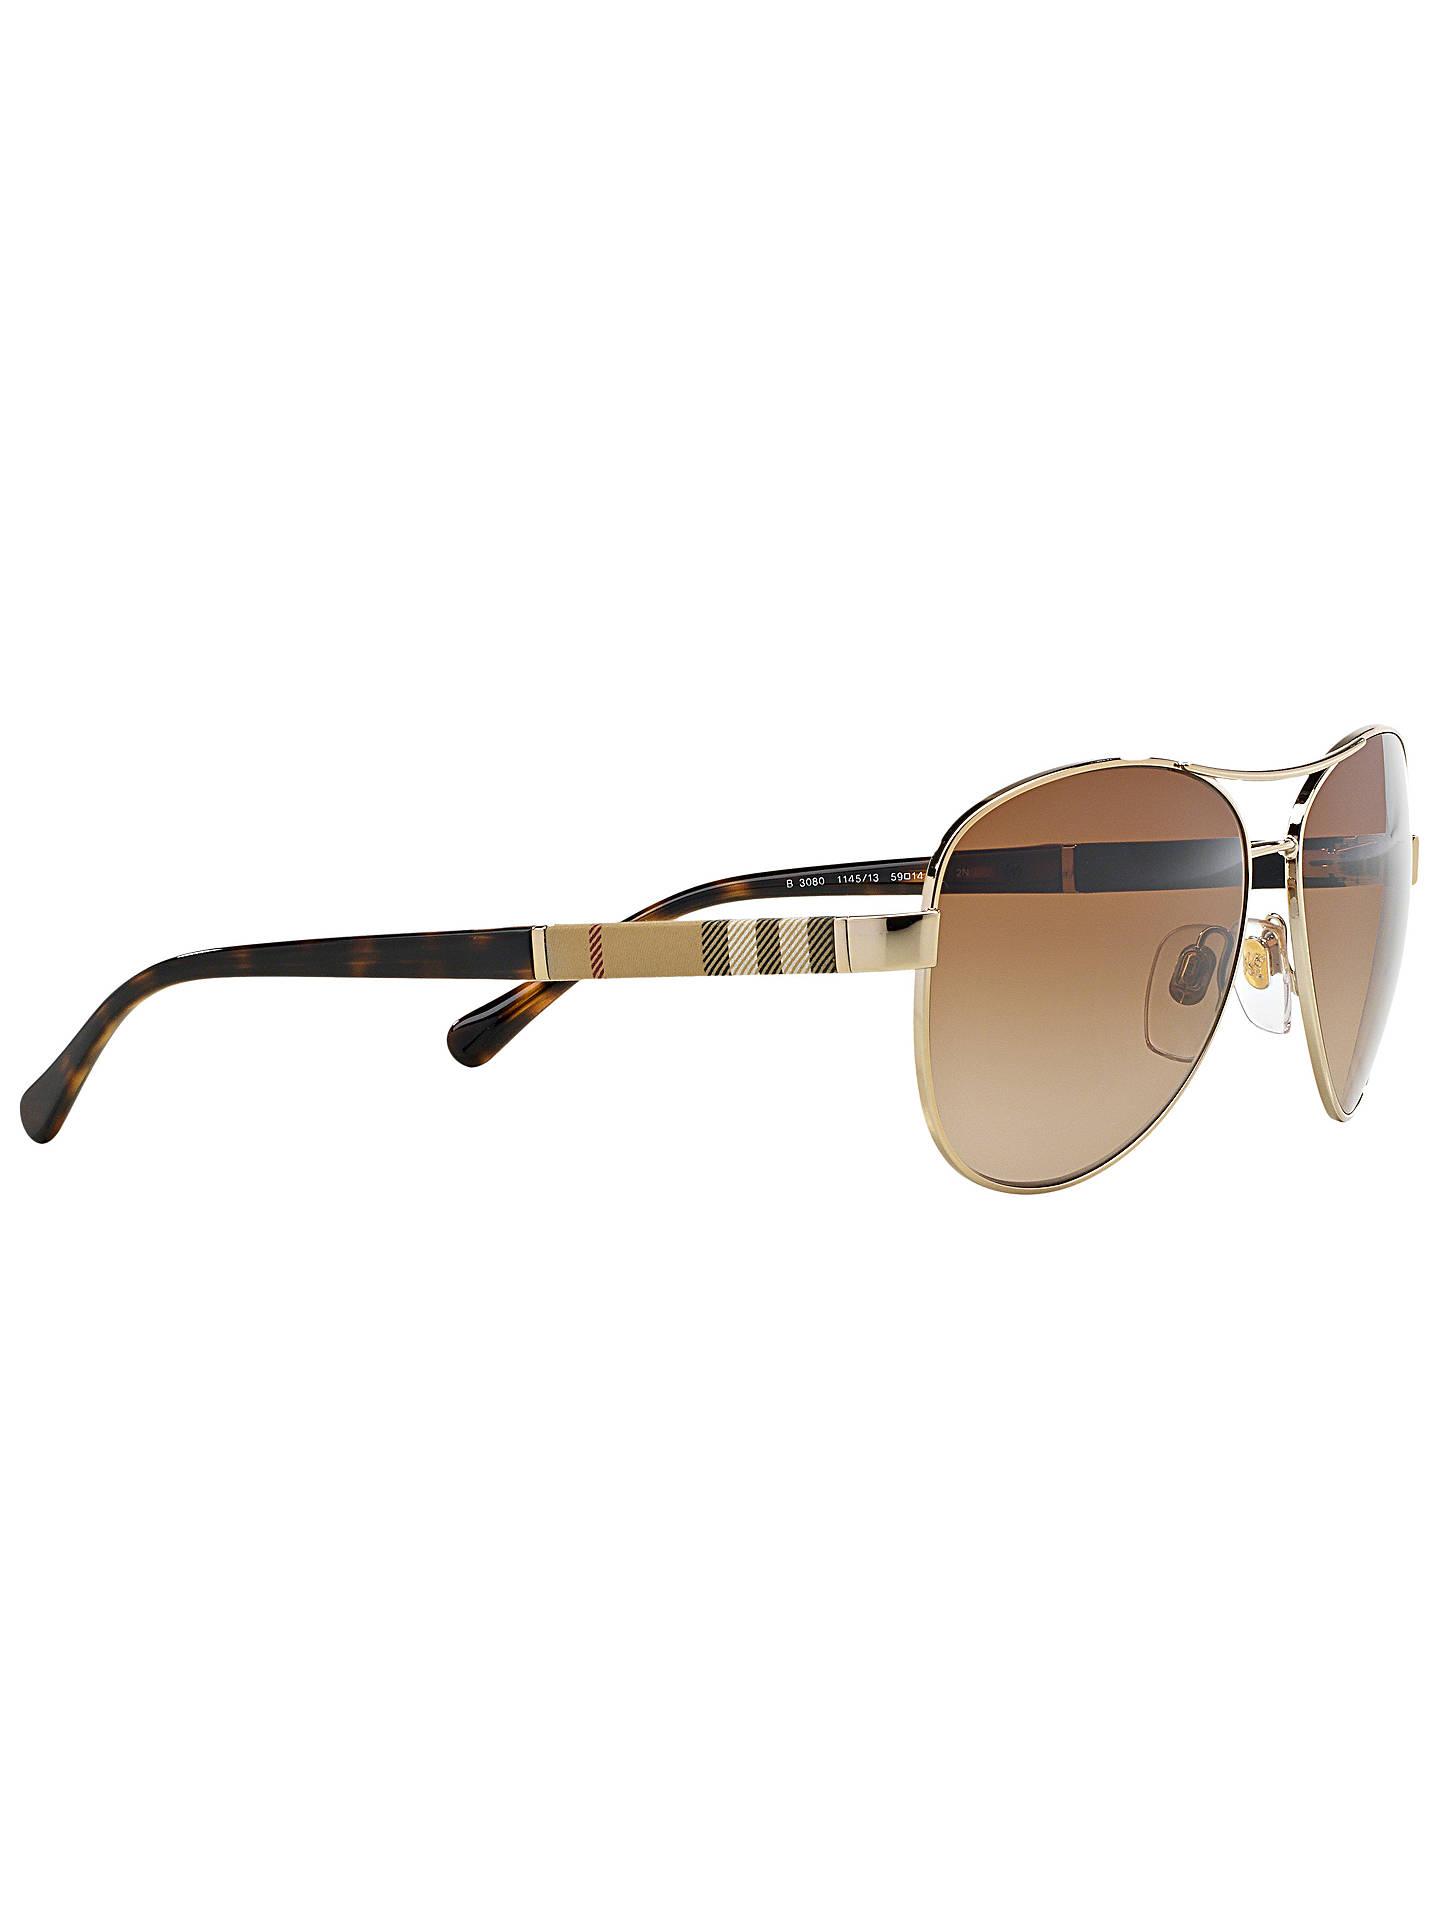 2938da2f9c ... Buy Burberry BE3080 Pilot Sunglasses